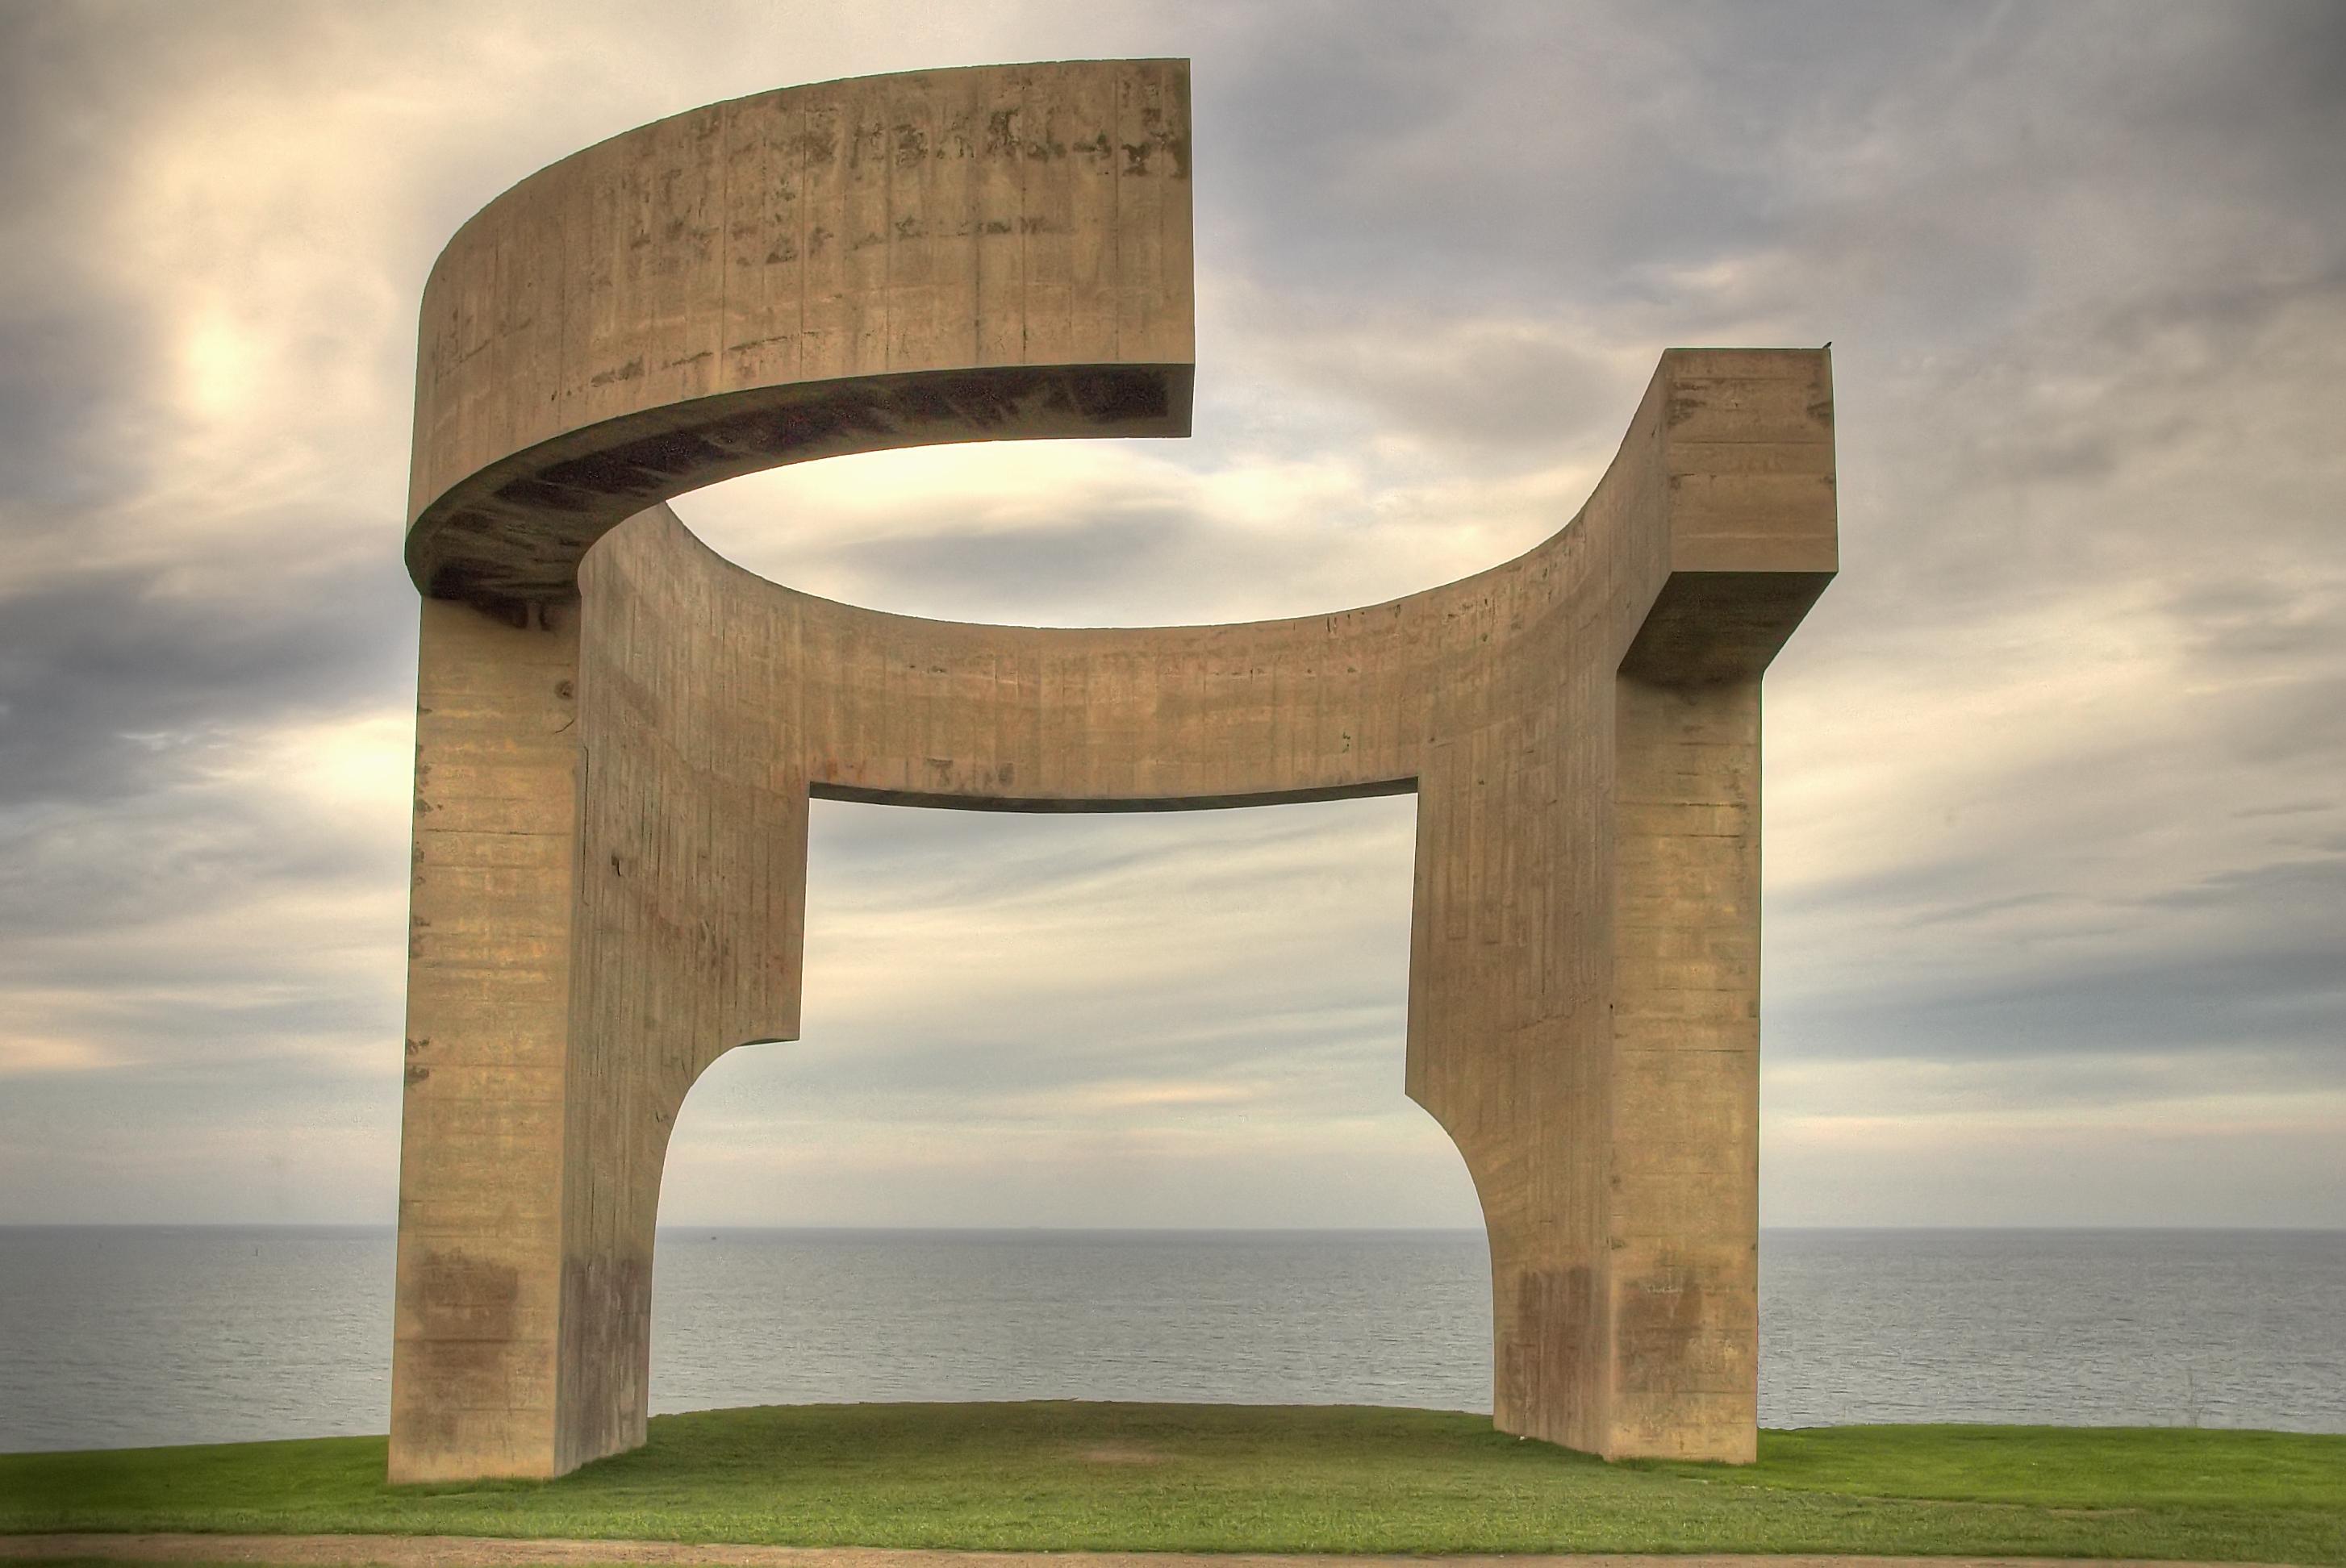 Elogio del Horizonte de Eduardo Chillida. Considerado elemento más representativo de Gijón. Foto: Ramón Durán